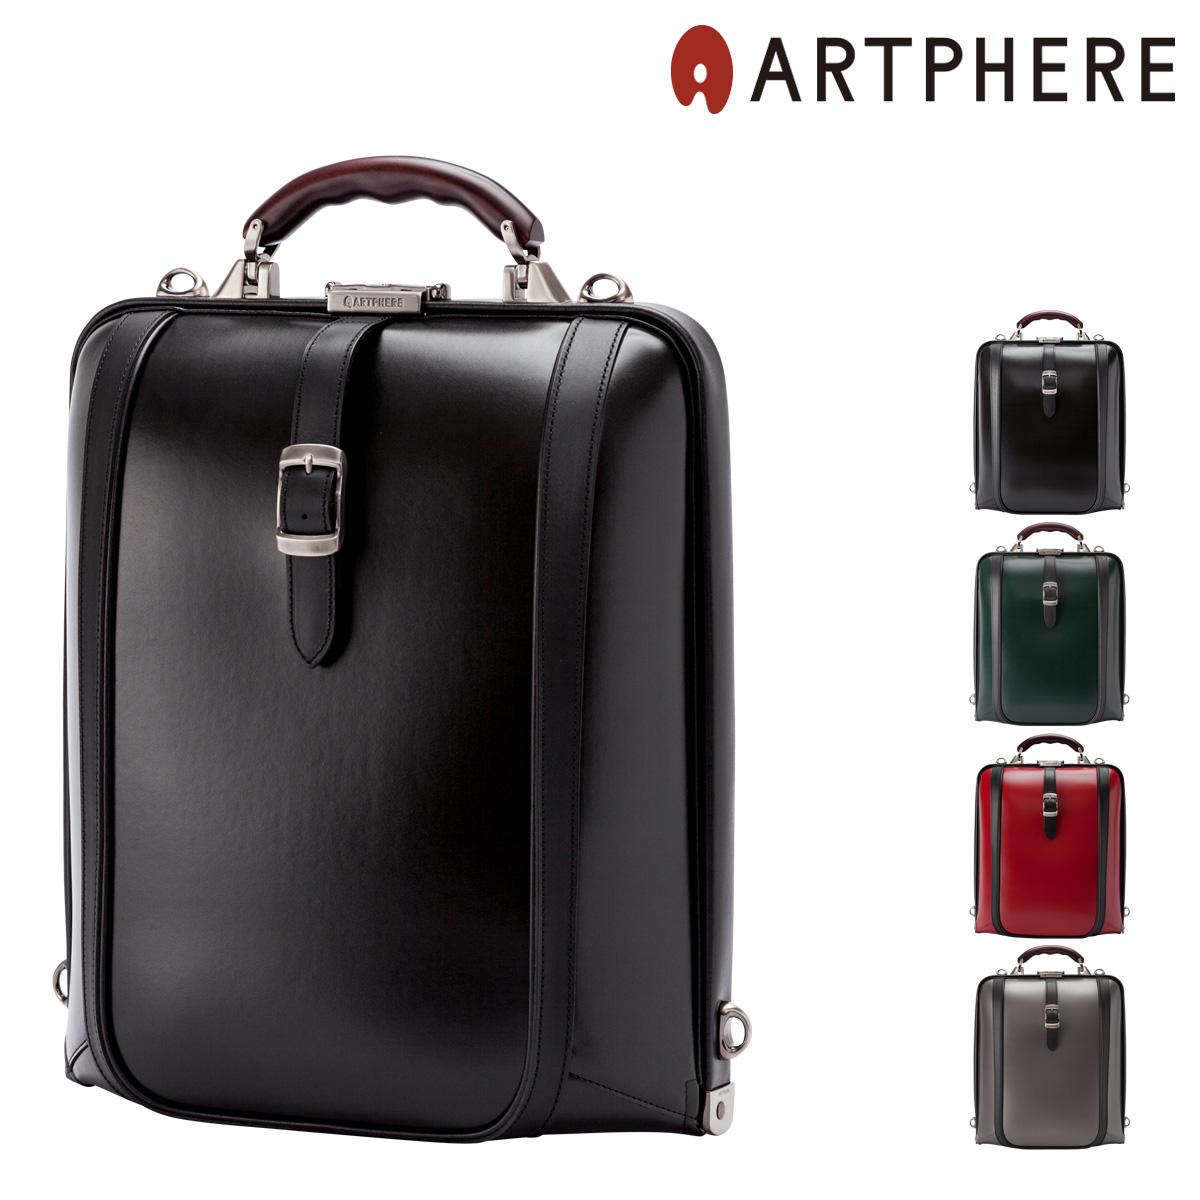 アートフィアー リュック 豊岡鞄 ニュー ダレス タッチ2 メンズ DS4-TO2 日本製 ARTPHERE New Dulles TOUCH2 | 3way 撥水 ビジネスバッグ ビジネスリュック ショルダーバッグ ブリーフケース[bef]